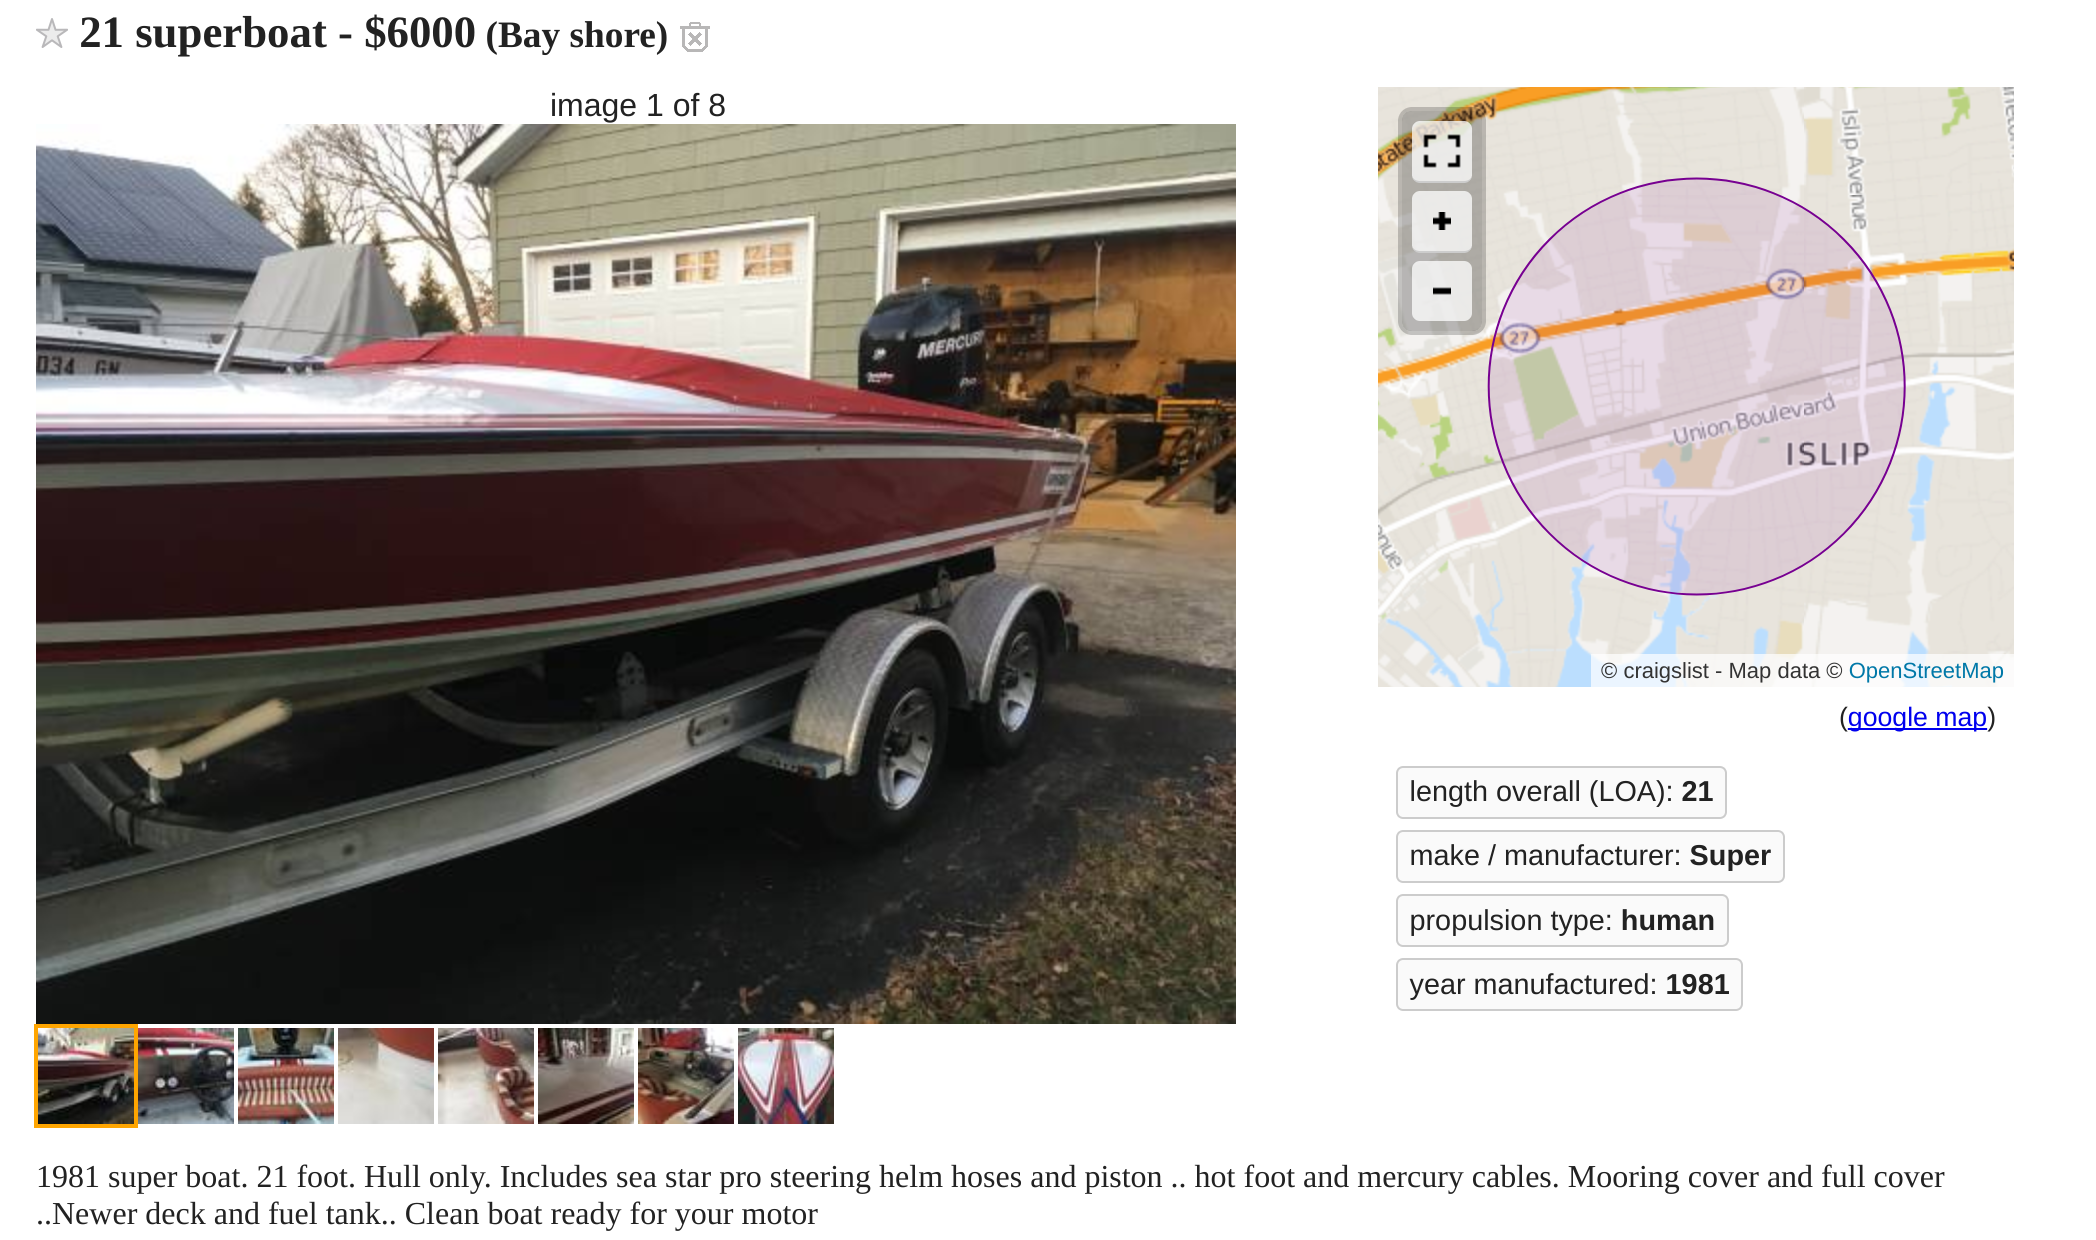 21 Superboat